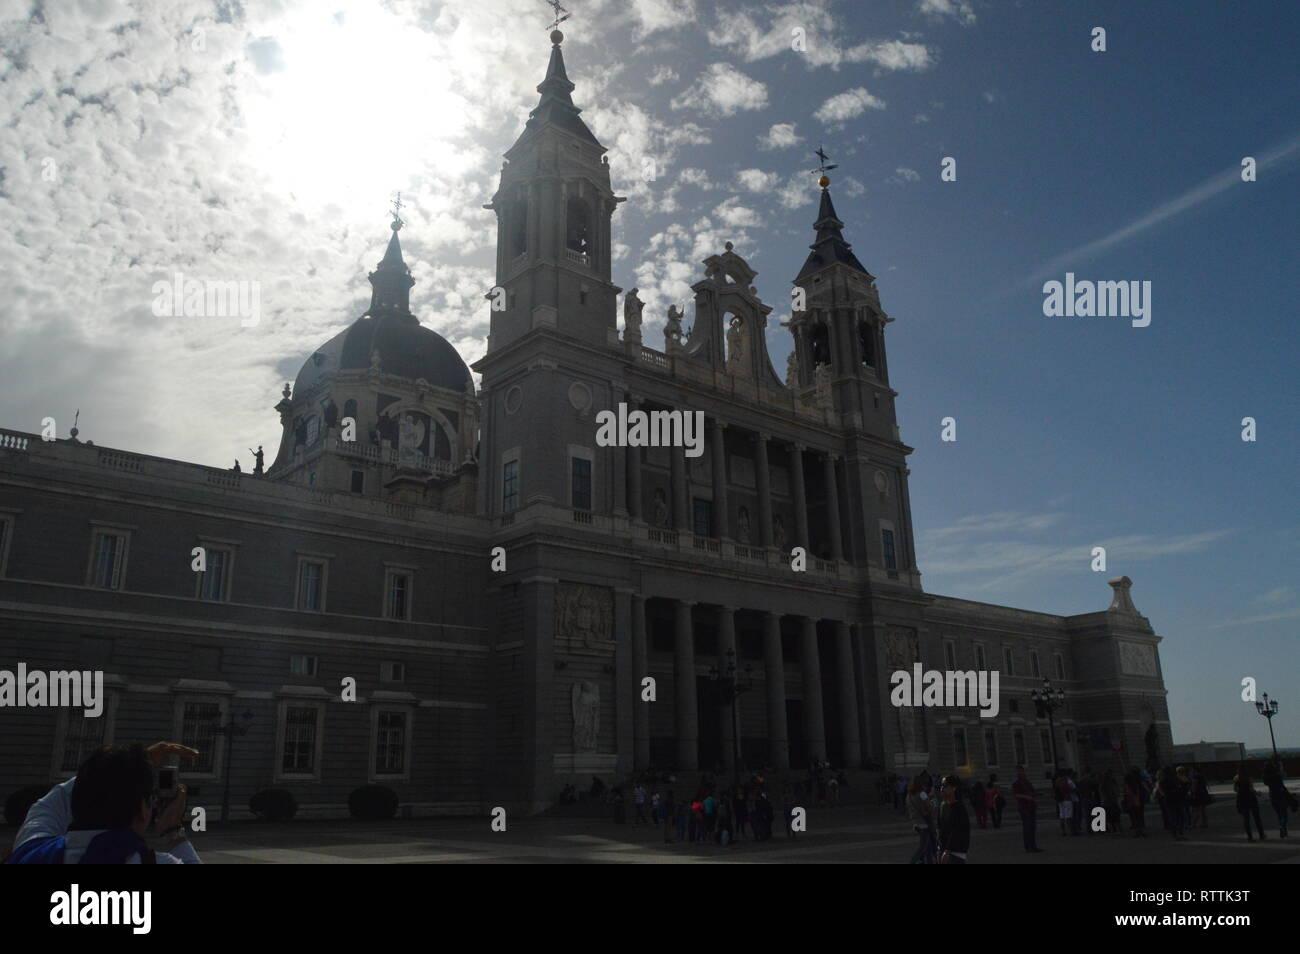 Fachada principal del Palacio Real, fechada en el siglo XIV, De estilo barroco en Madrid. Arquitectura, Historia, Viajes. El 18 de octubre de 2014. Madrid, S Imagen De Stock